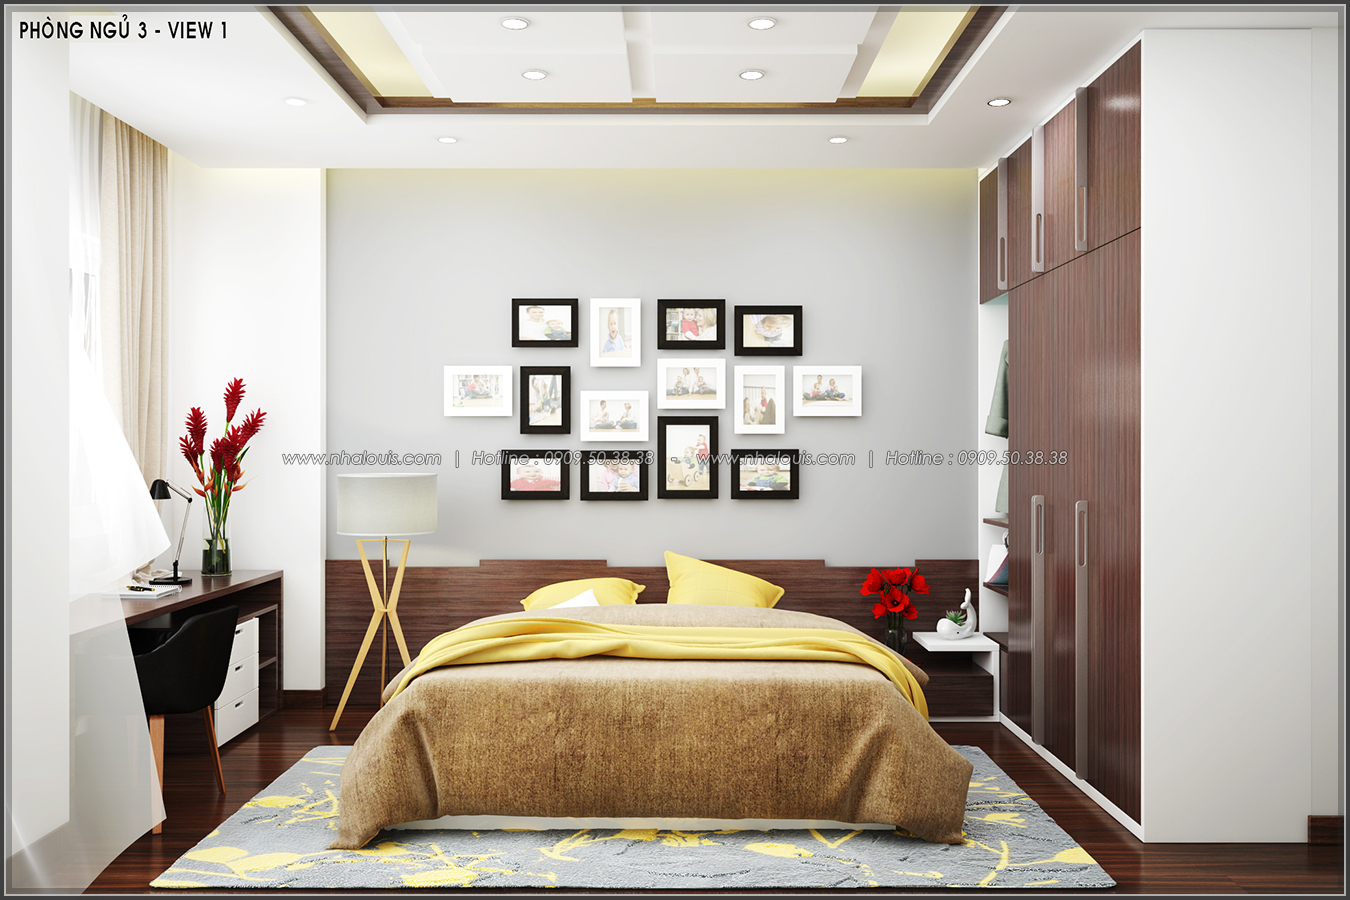 Thiết kế nội thất nhà ống đẹp tone gỗ ấm áp và sang trọng quận Tân Bình - 12